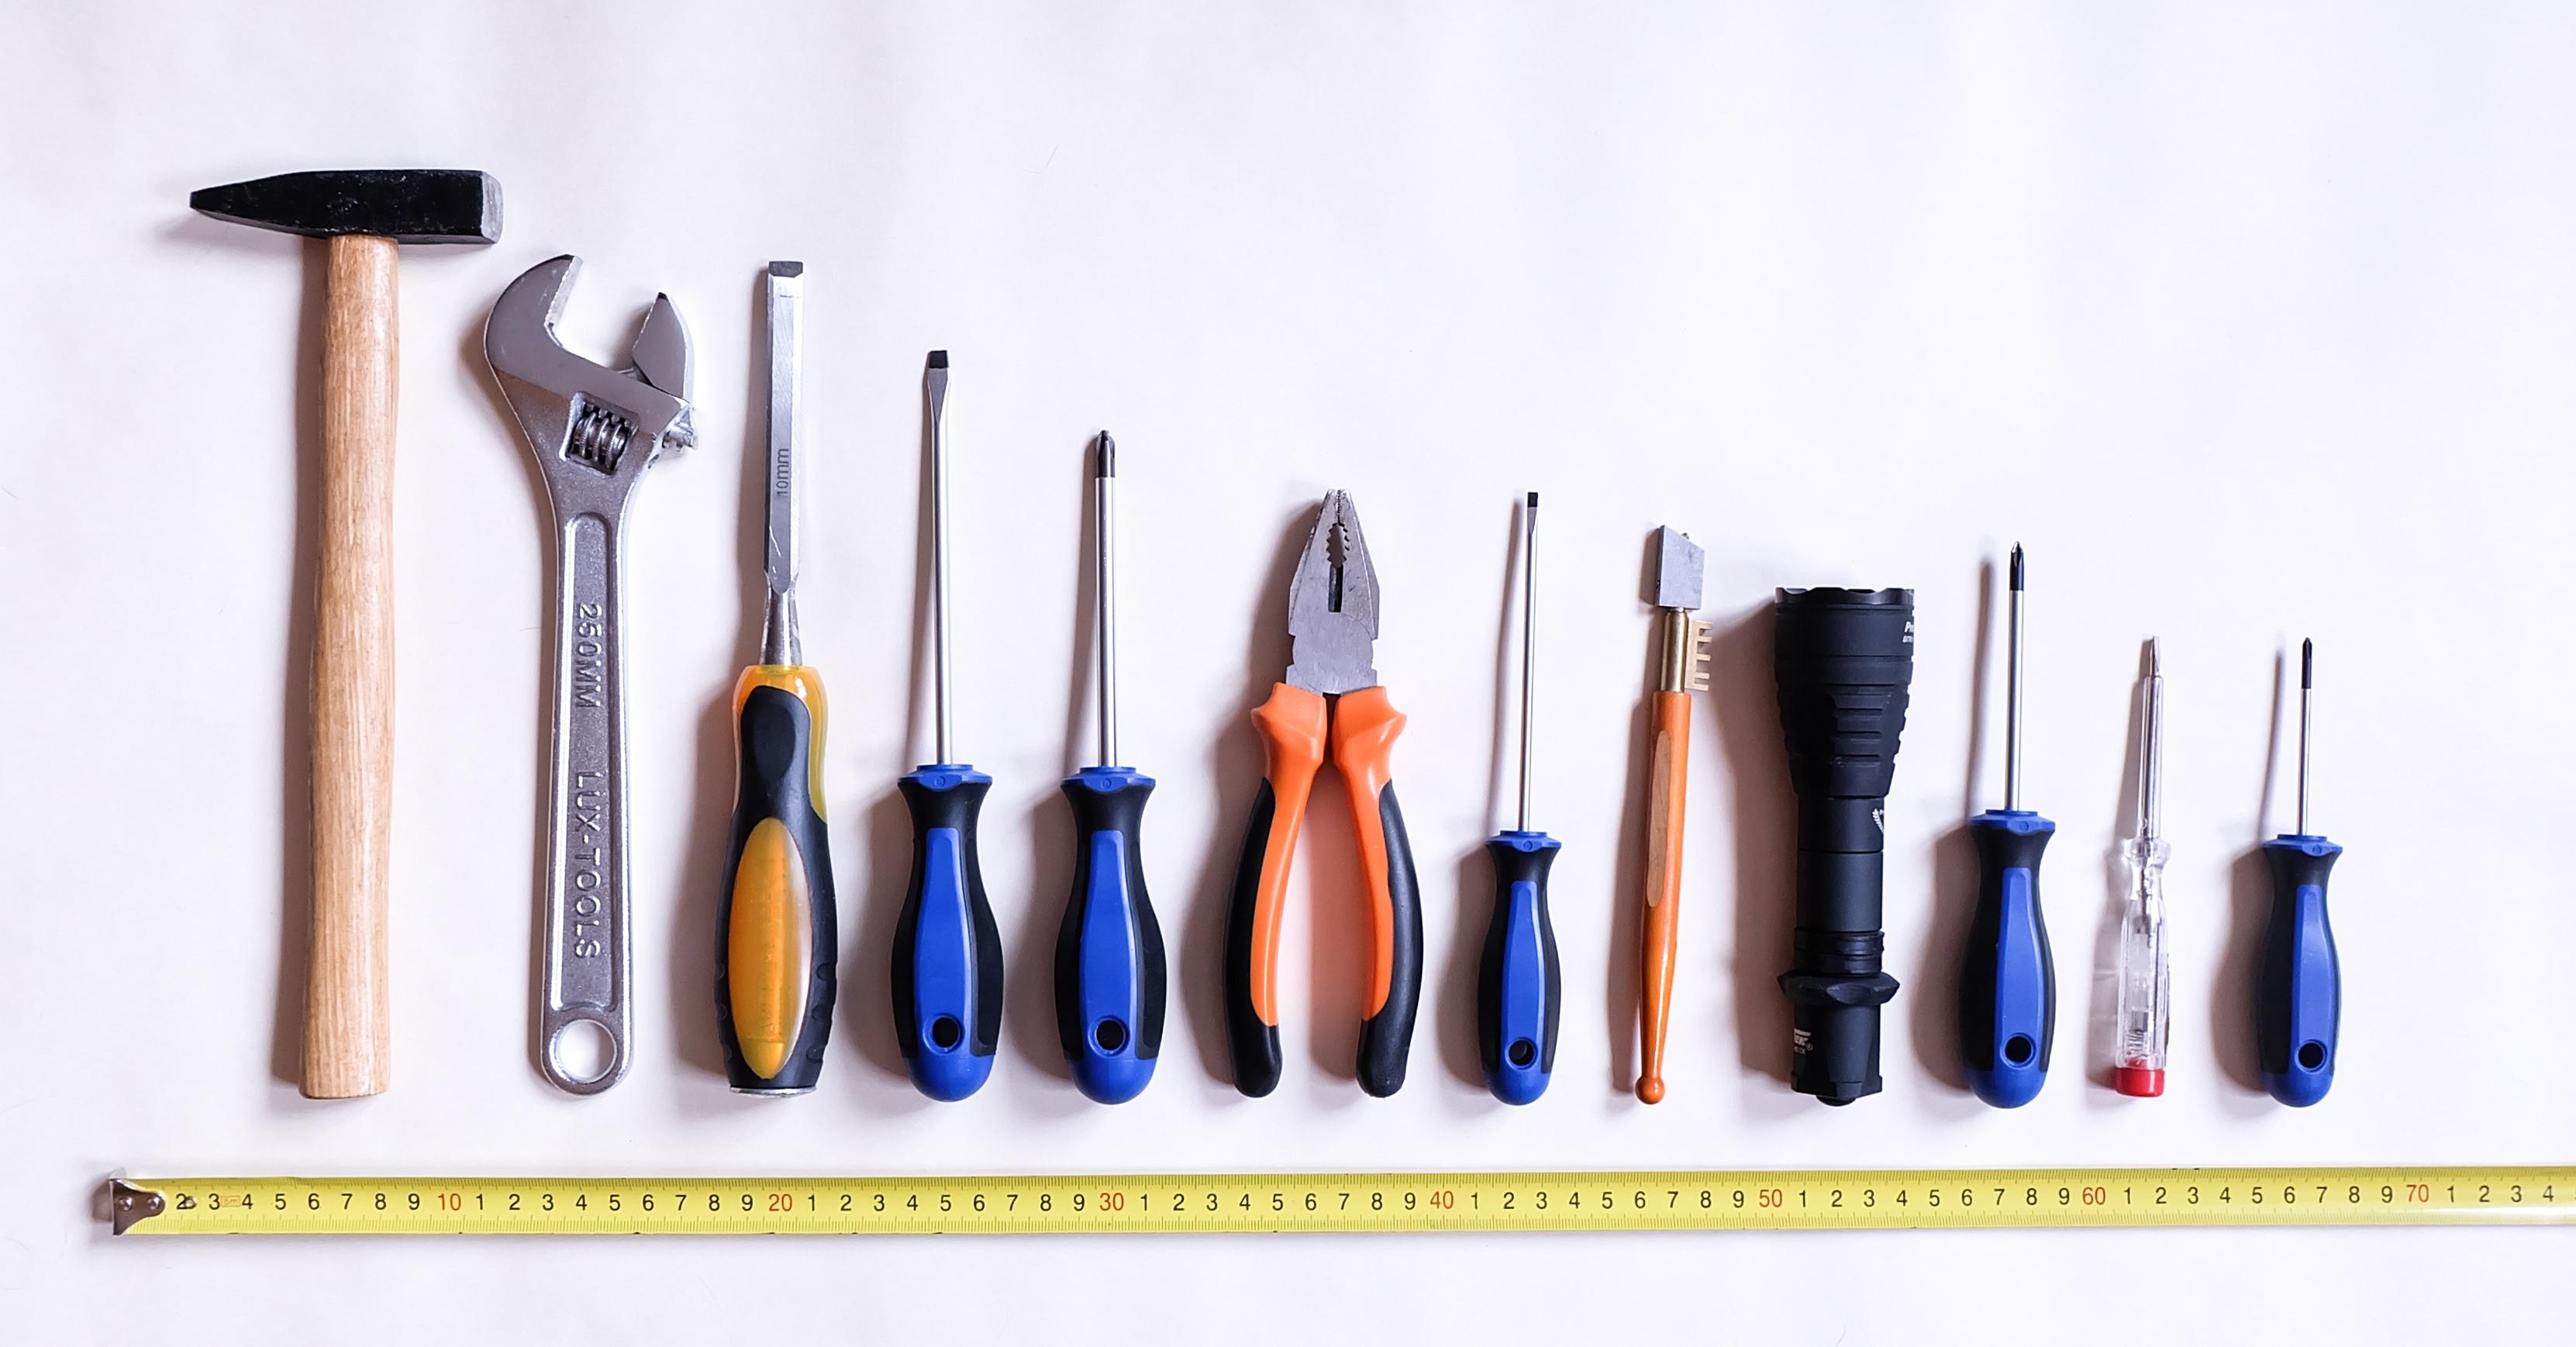 herramientas de cerrajero profesional